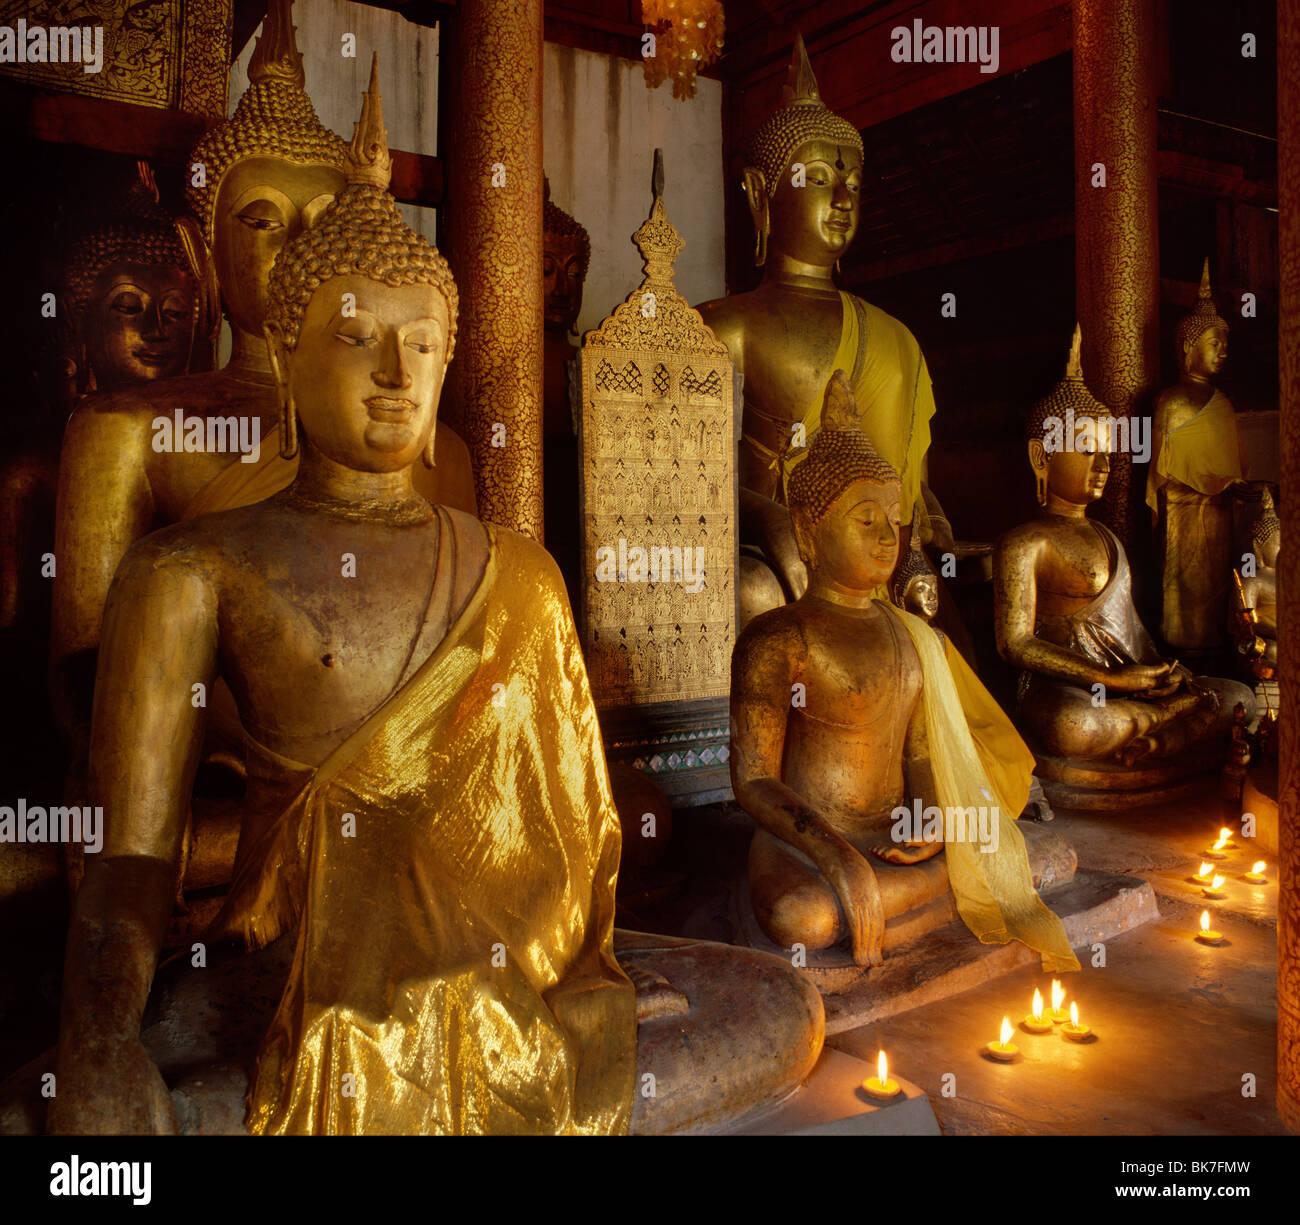 Sammlung von 15. Jahrhundert Lanna und frühen Ayutthaya Bilder heute im Wat Chiang Man, Chiang Mai, Thailand Stockbild